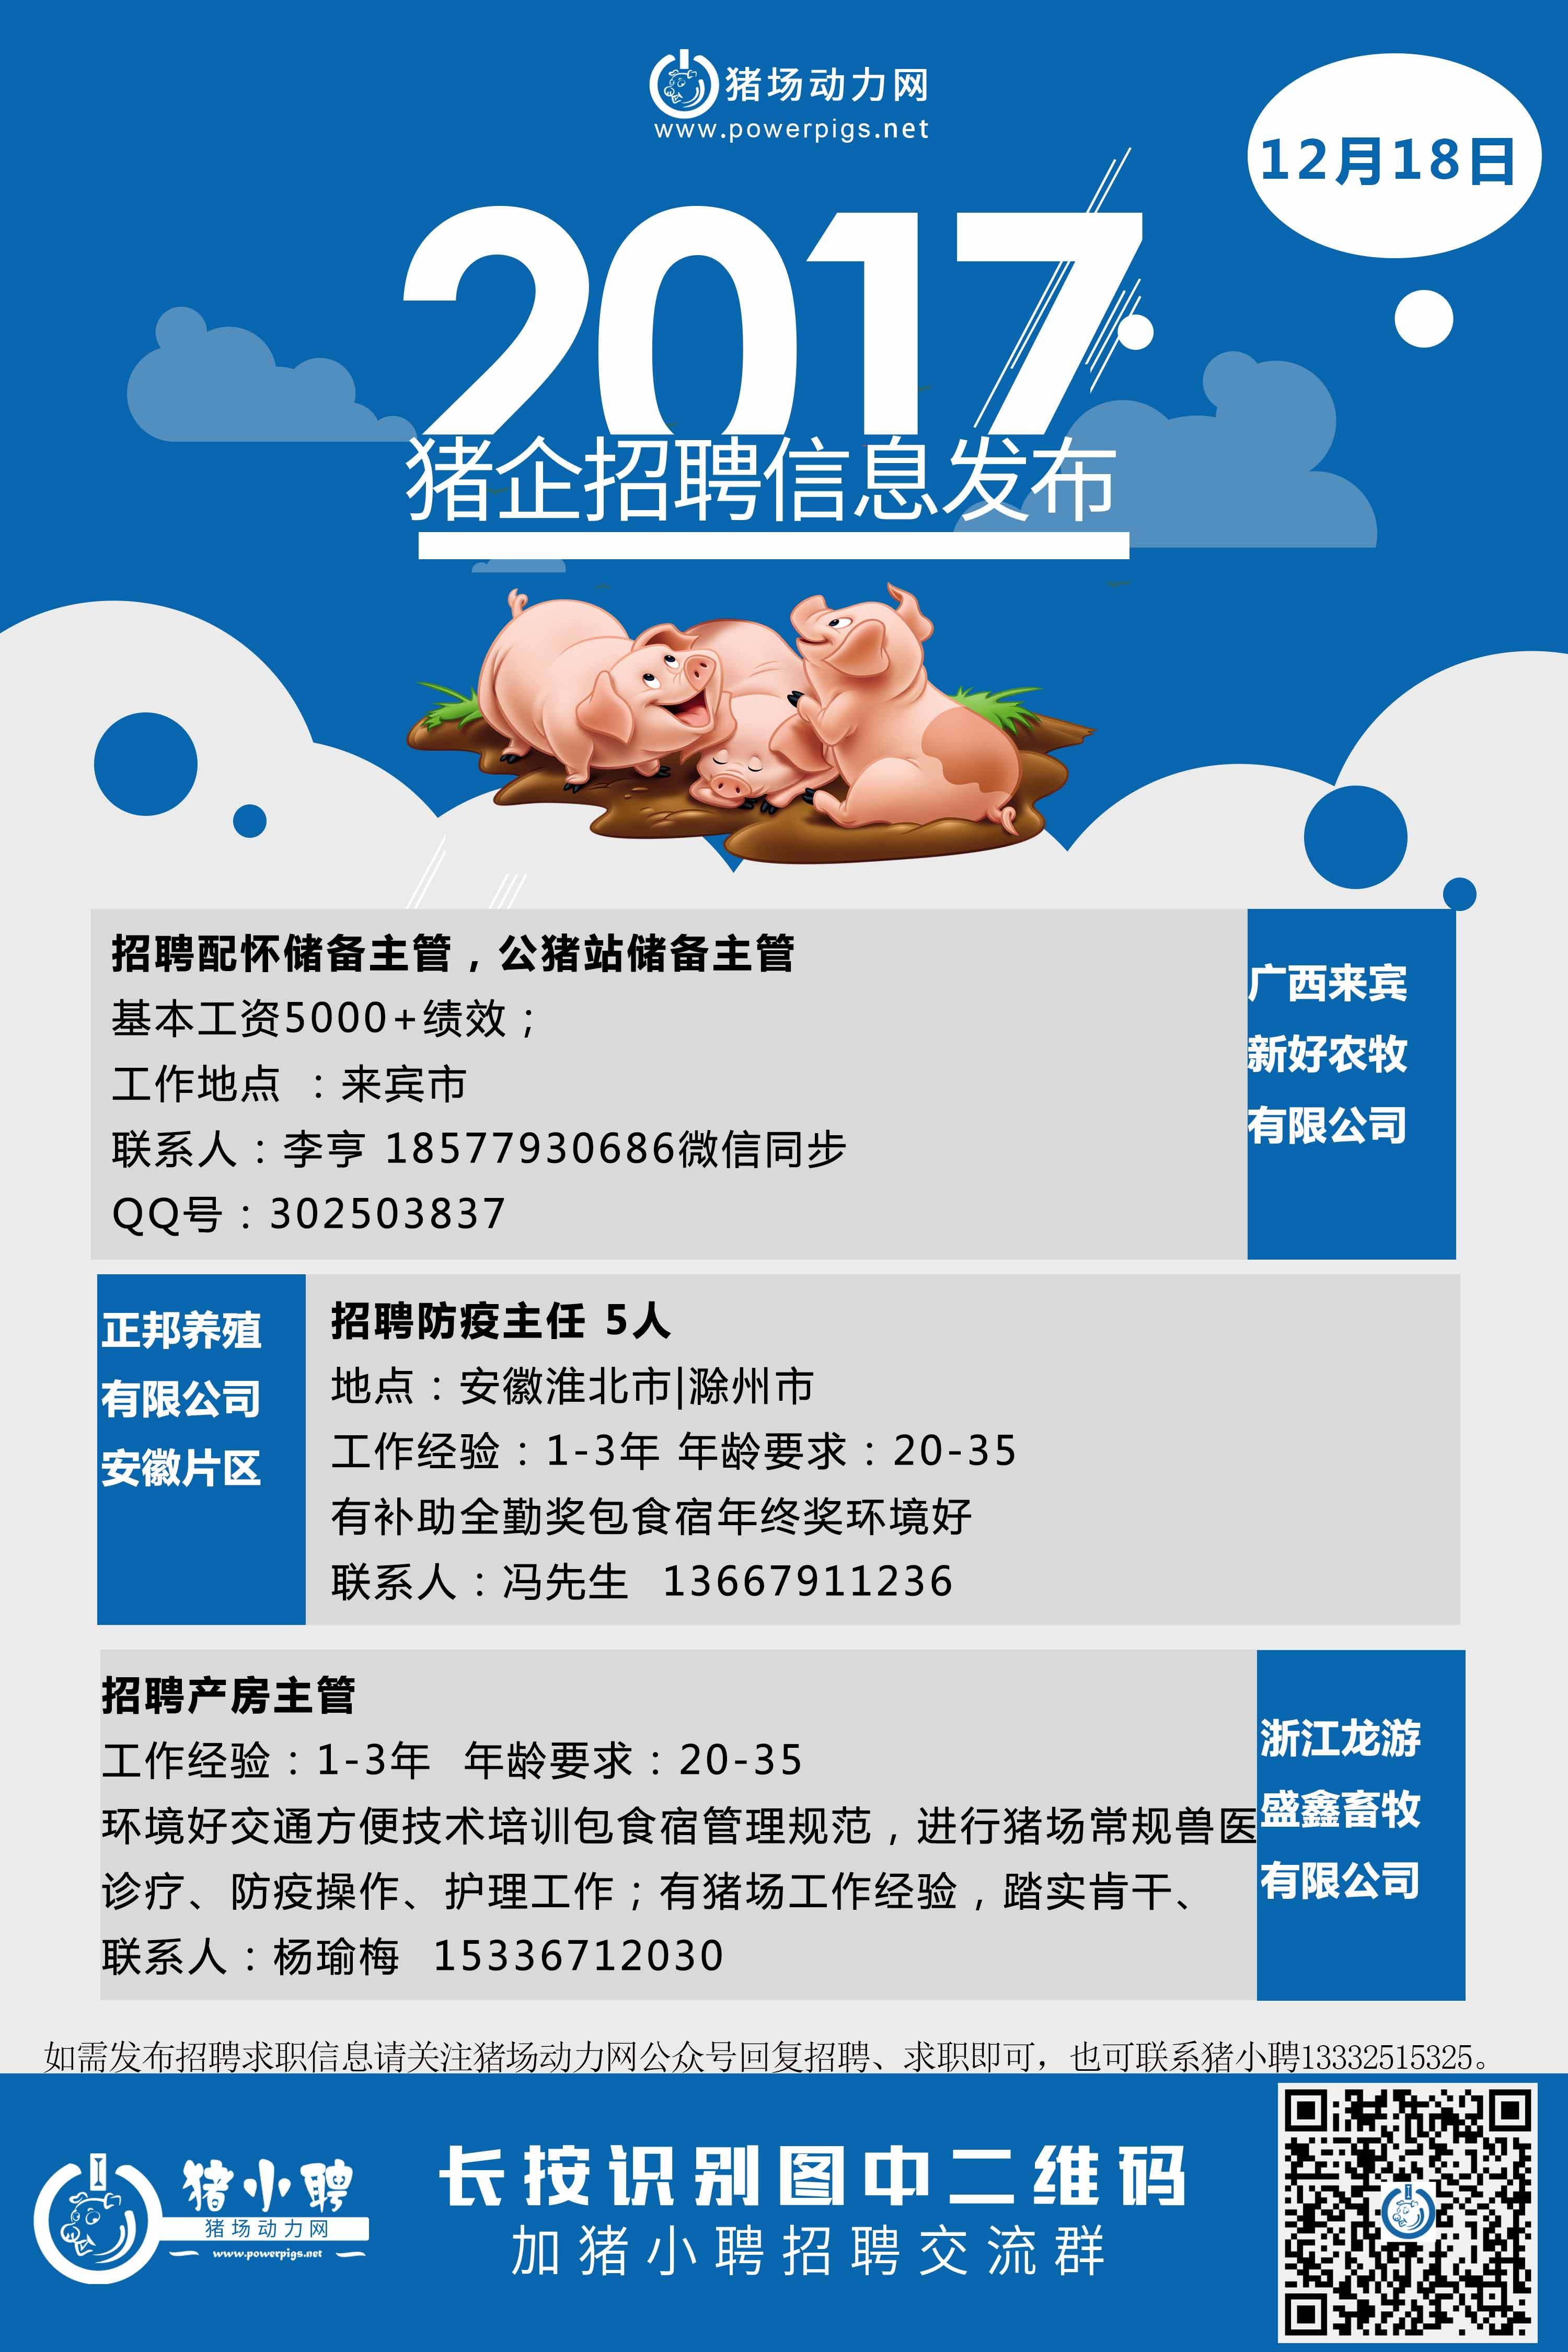 12.18日猪场招聘.jpg